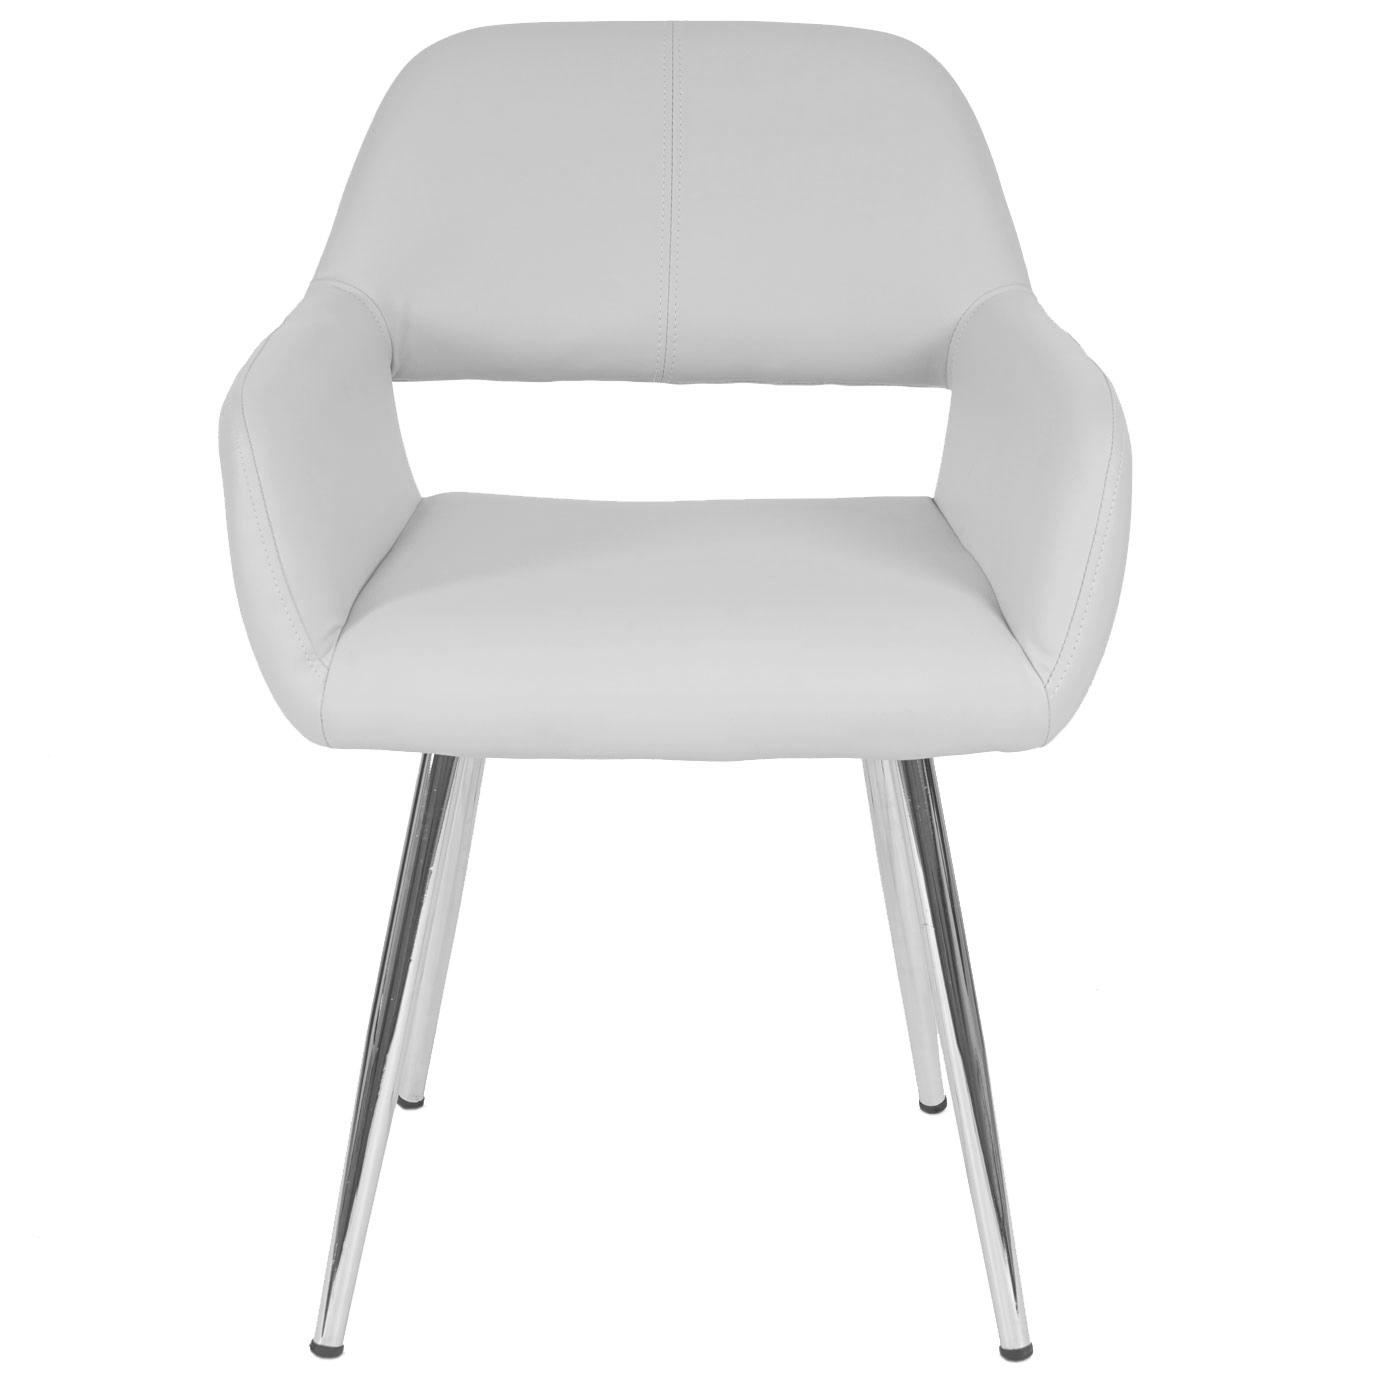 esszimmerstuhl hwc a50 stuhl lehnstuhl retro kunstleder wei. Black Bedroom Furniture Sets. Home Design Ideas